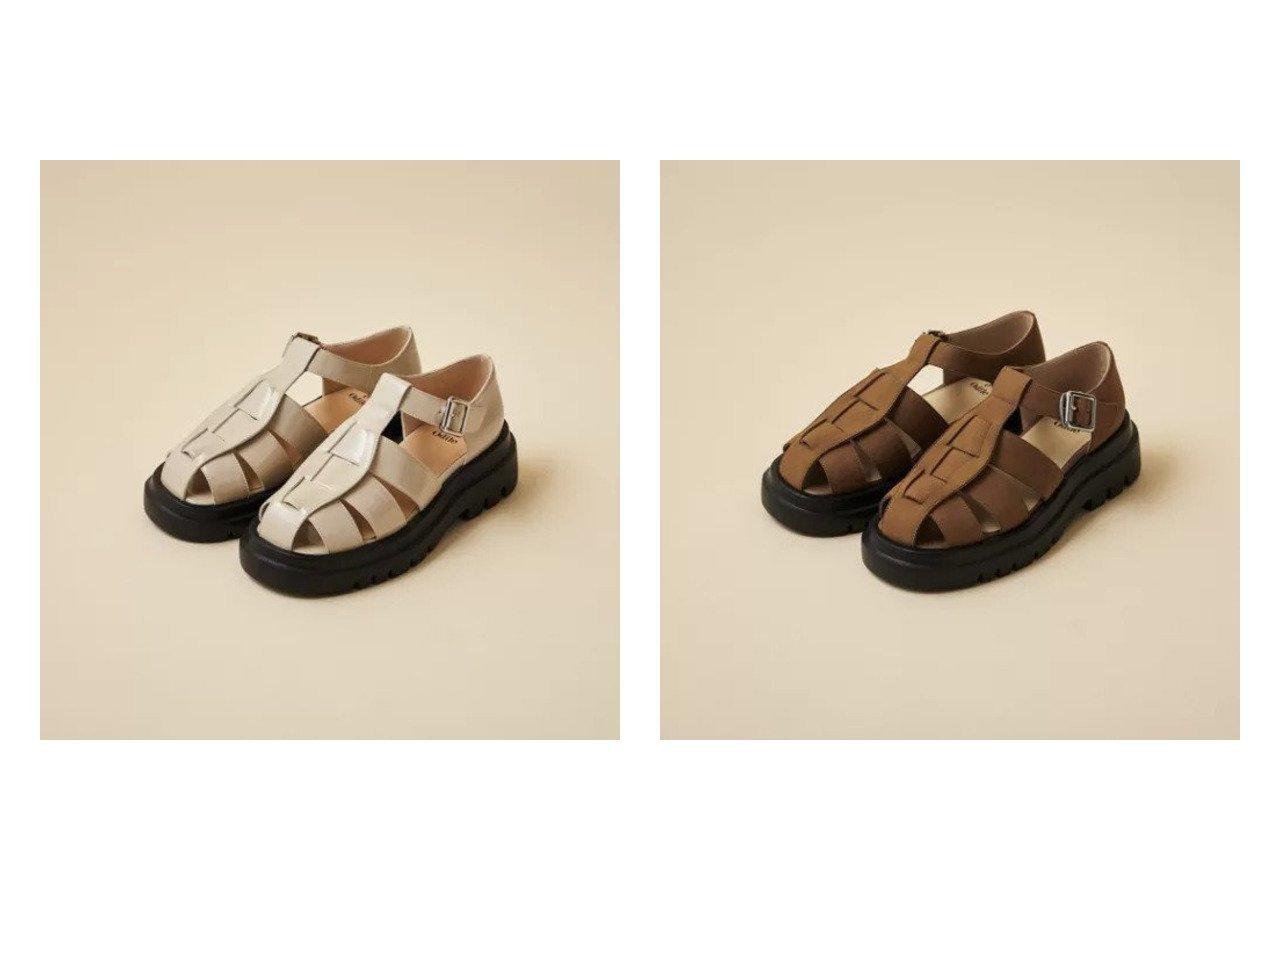 【Odette e Odile/オデット エ オディール】の【WEB限定】グルカ フラット50● 【シューズ・靴】おすすめ!人気、トレンド・レディースファッションの通販 おすすめで人気の流行・トレンド、ファッションの通販商品 インテリア・家具・メンズファッション・キッズファッション・レディースファッション・服の通販 founy(ファニー) https://founy.com/ ファッション Fashion レディースファッション WOMEN シューズ シンプル ソックス デニム バランス フラット モノトーン A/W・秋冬 AW・Autumn/Winter・FW・Fall-Winter おすすめ Recommend |ID:crp329100000072581